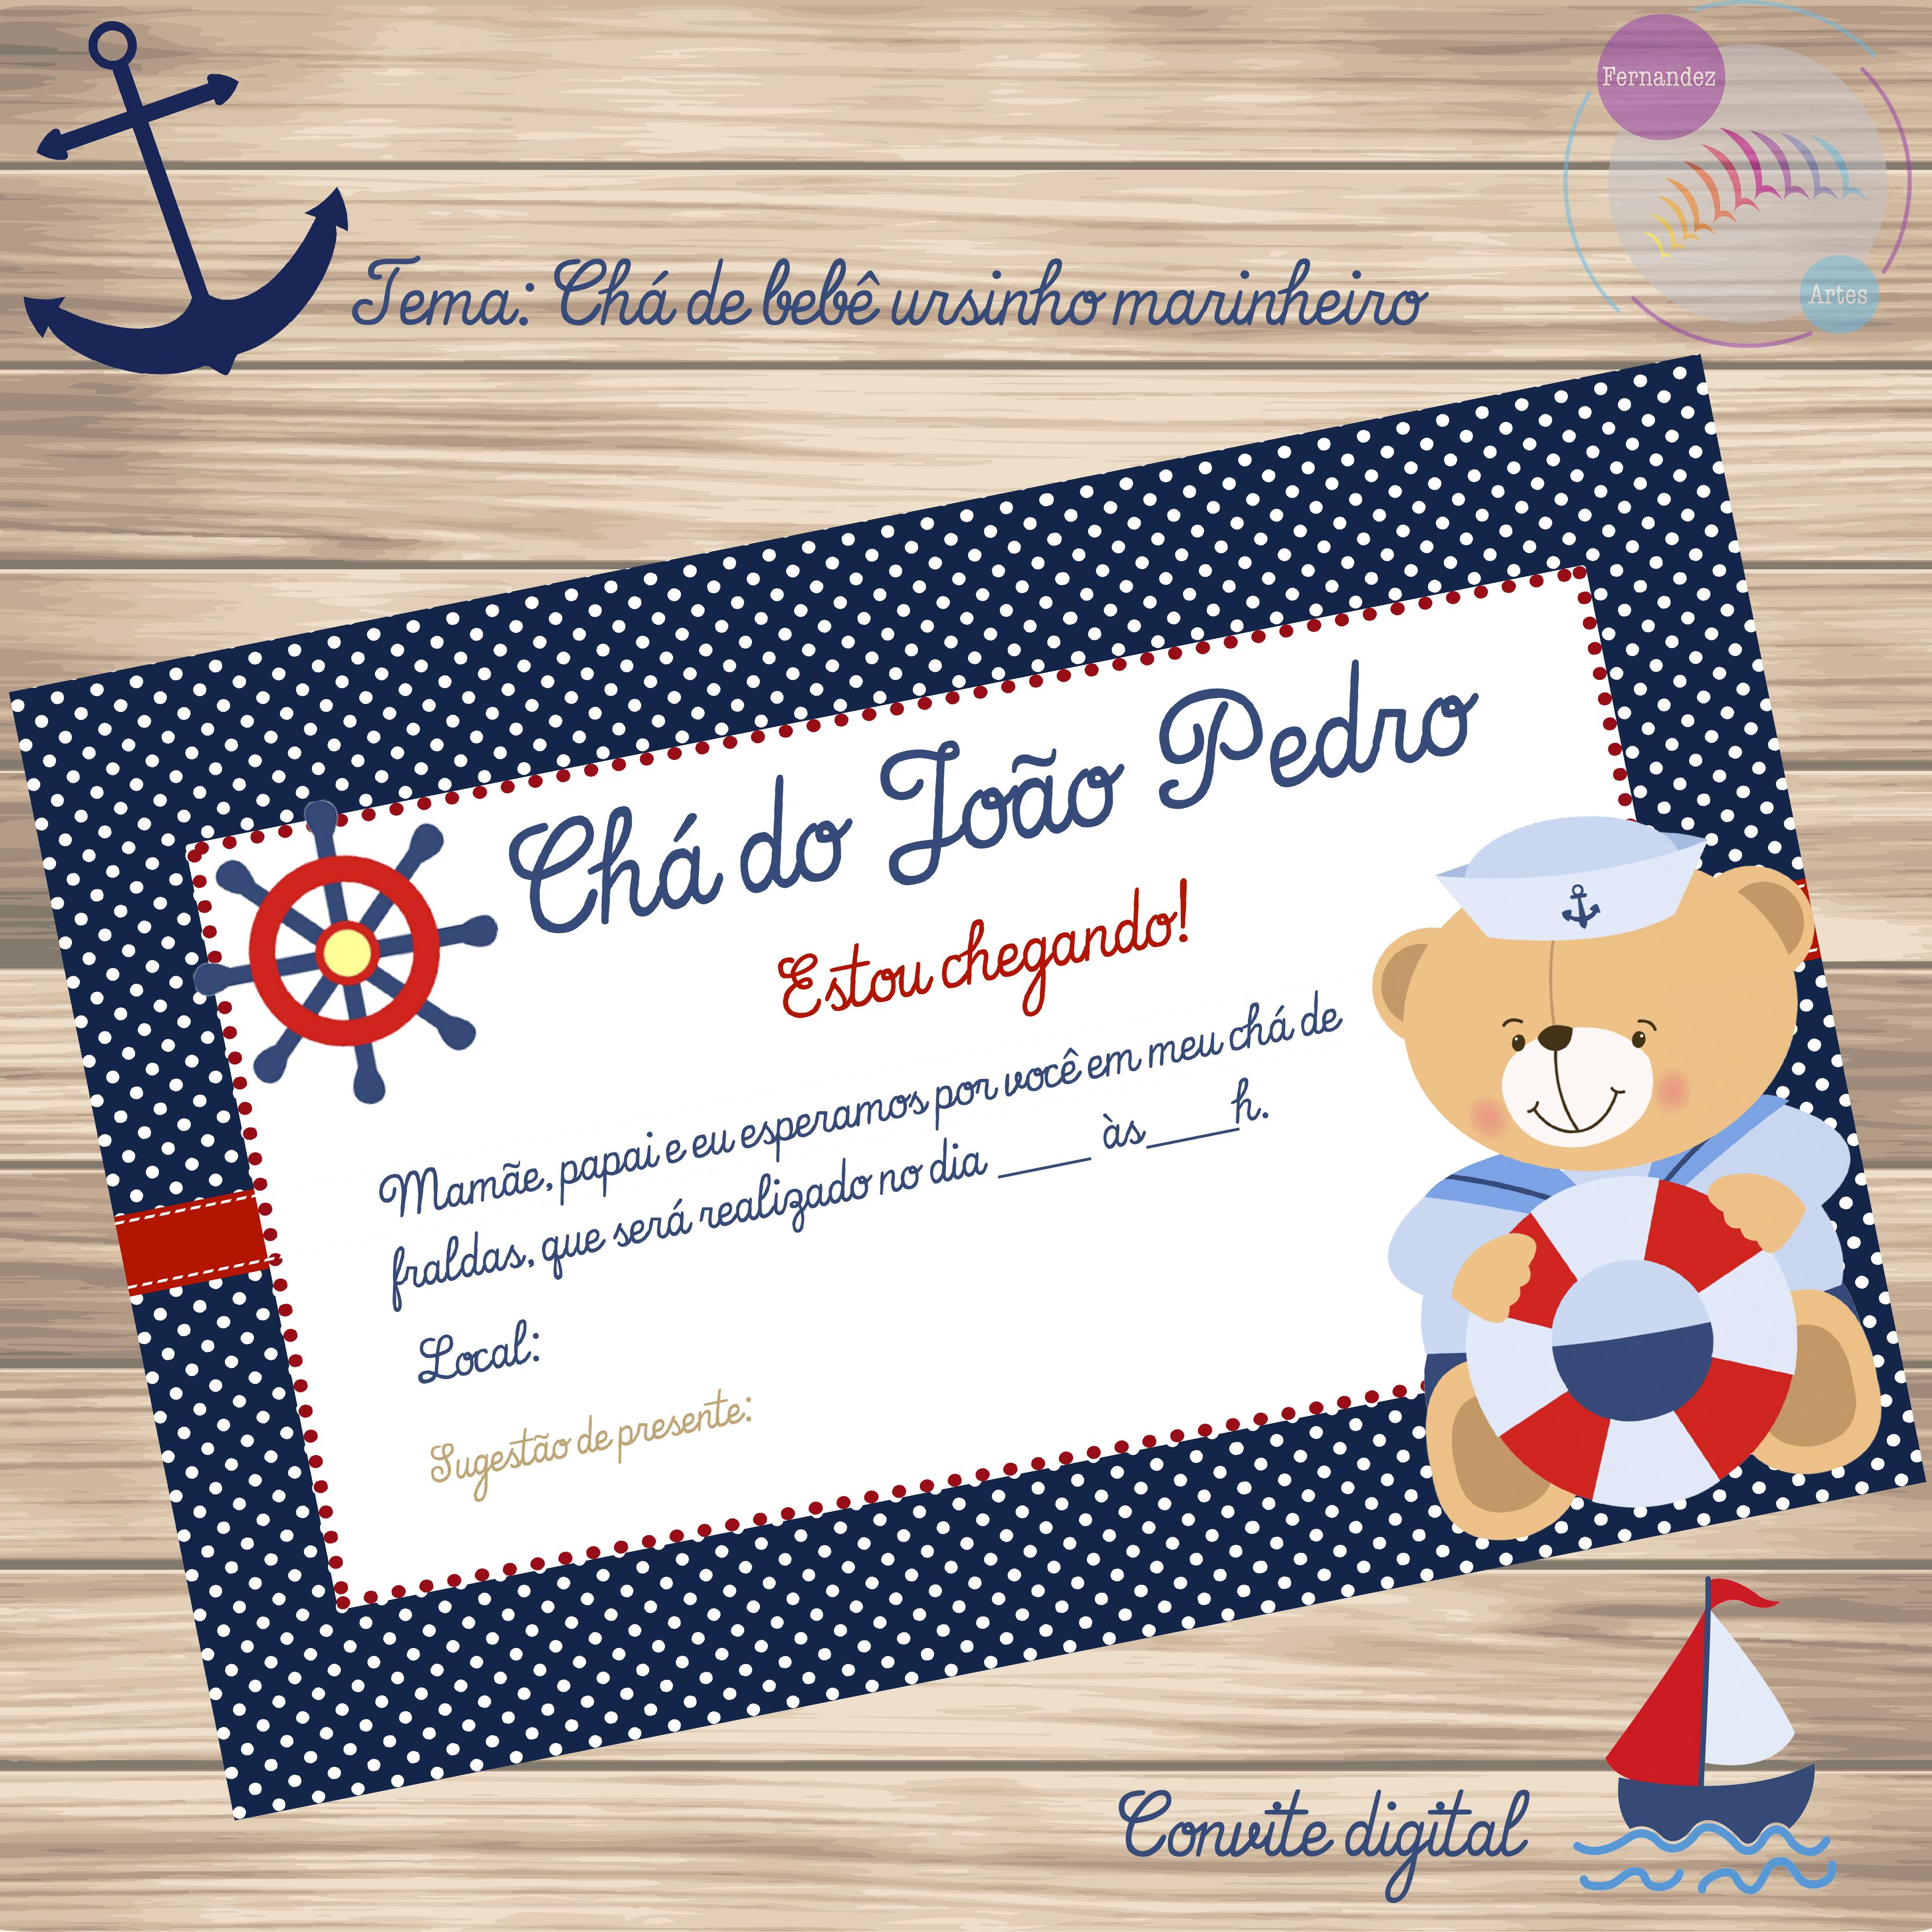 Amado Convite Virtual Chá de Bebê Ursinho Marinheiro   Elo7 RS79